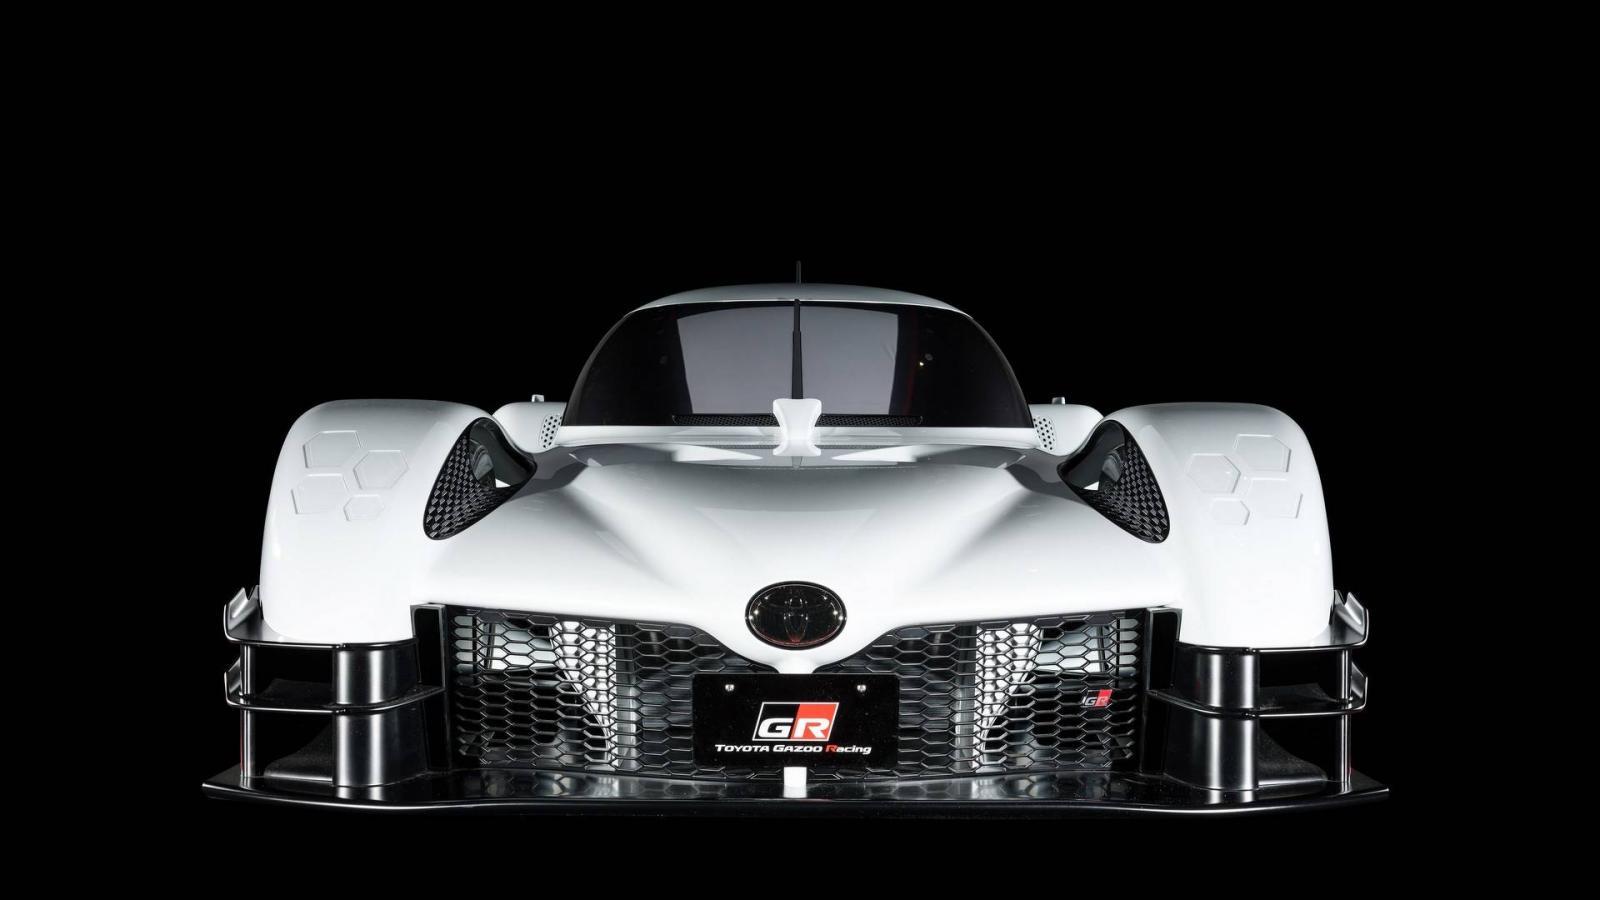 Тоёта рассекретила 1000-сильный гибридный суперкарGR Super Sport Concept